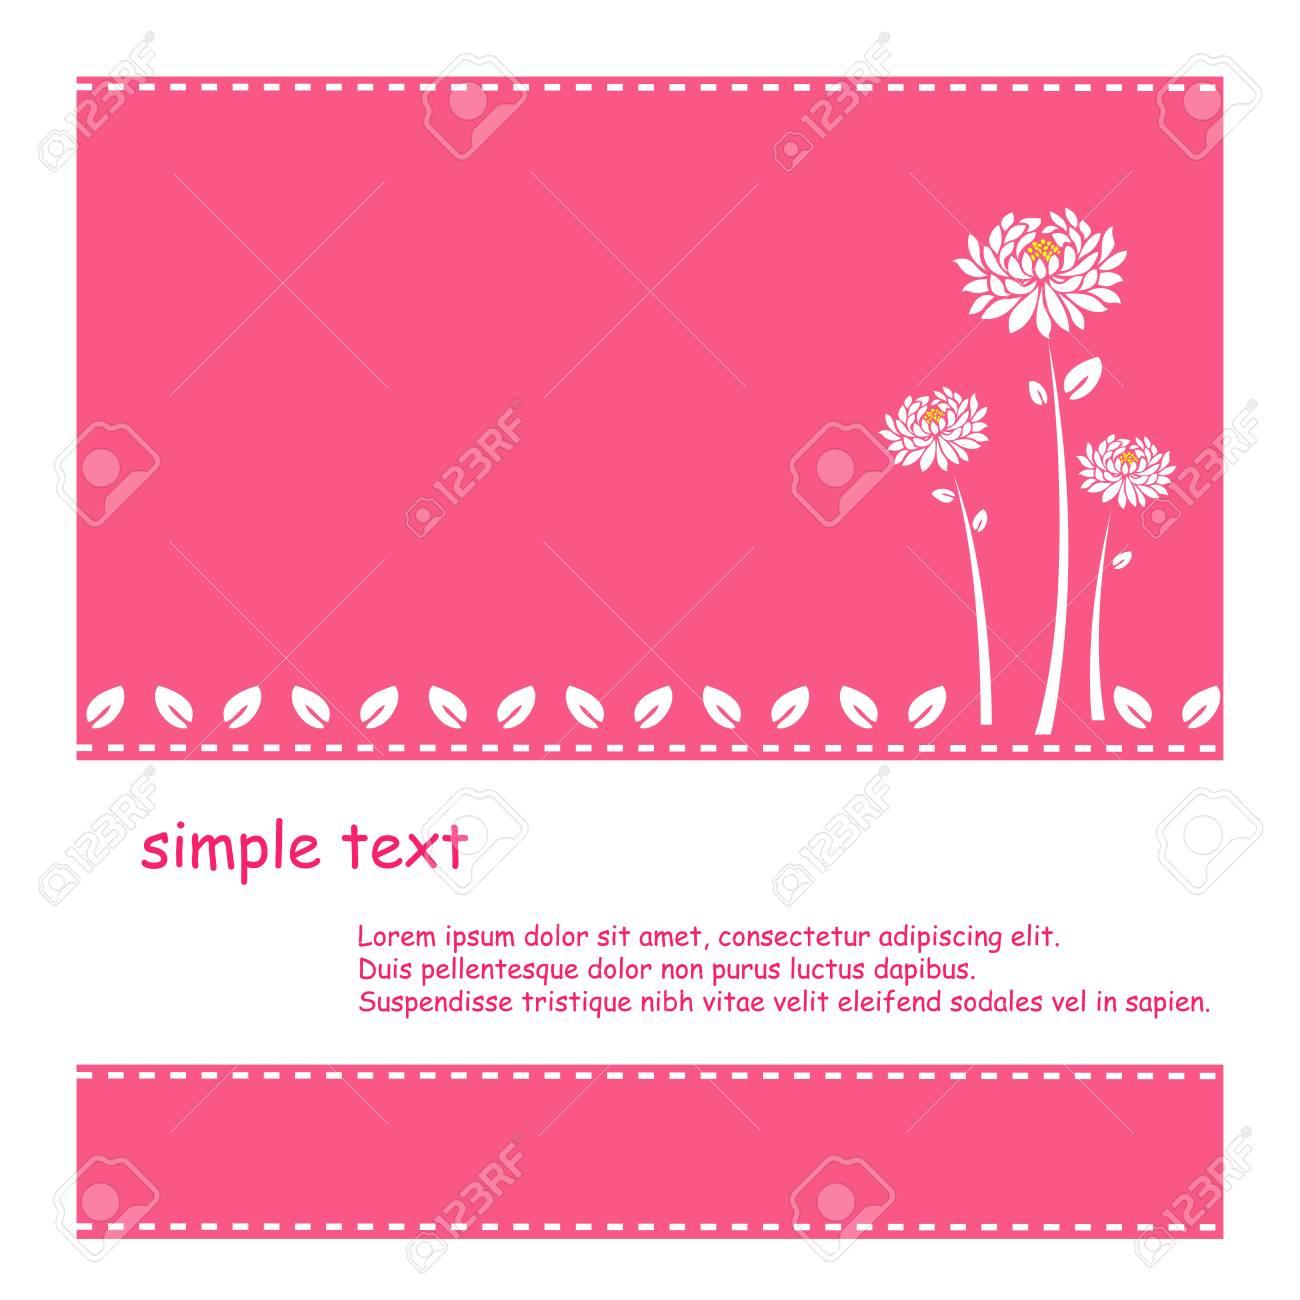 かわいいお花のベクトルとピンクの背景のイラスト素材ベクタ Image